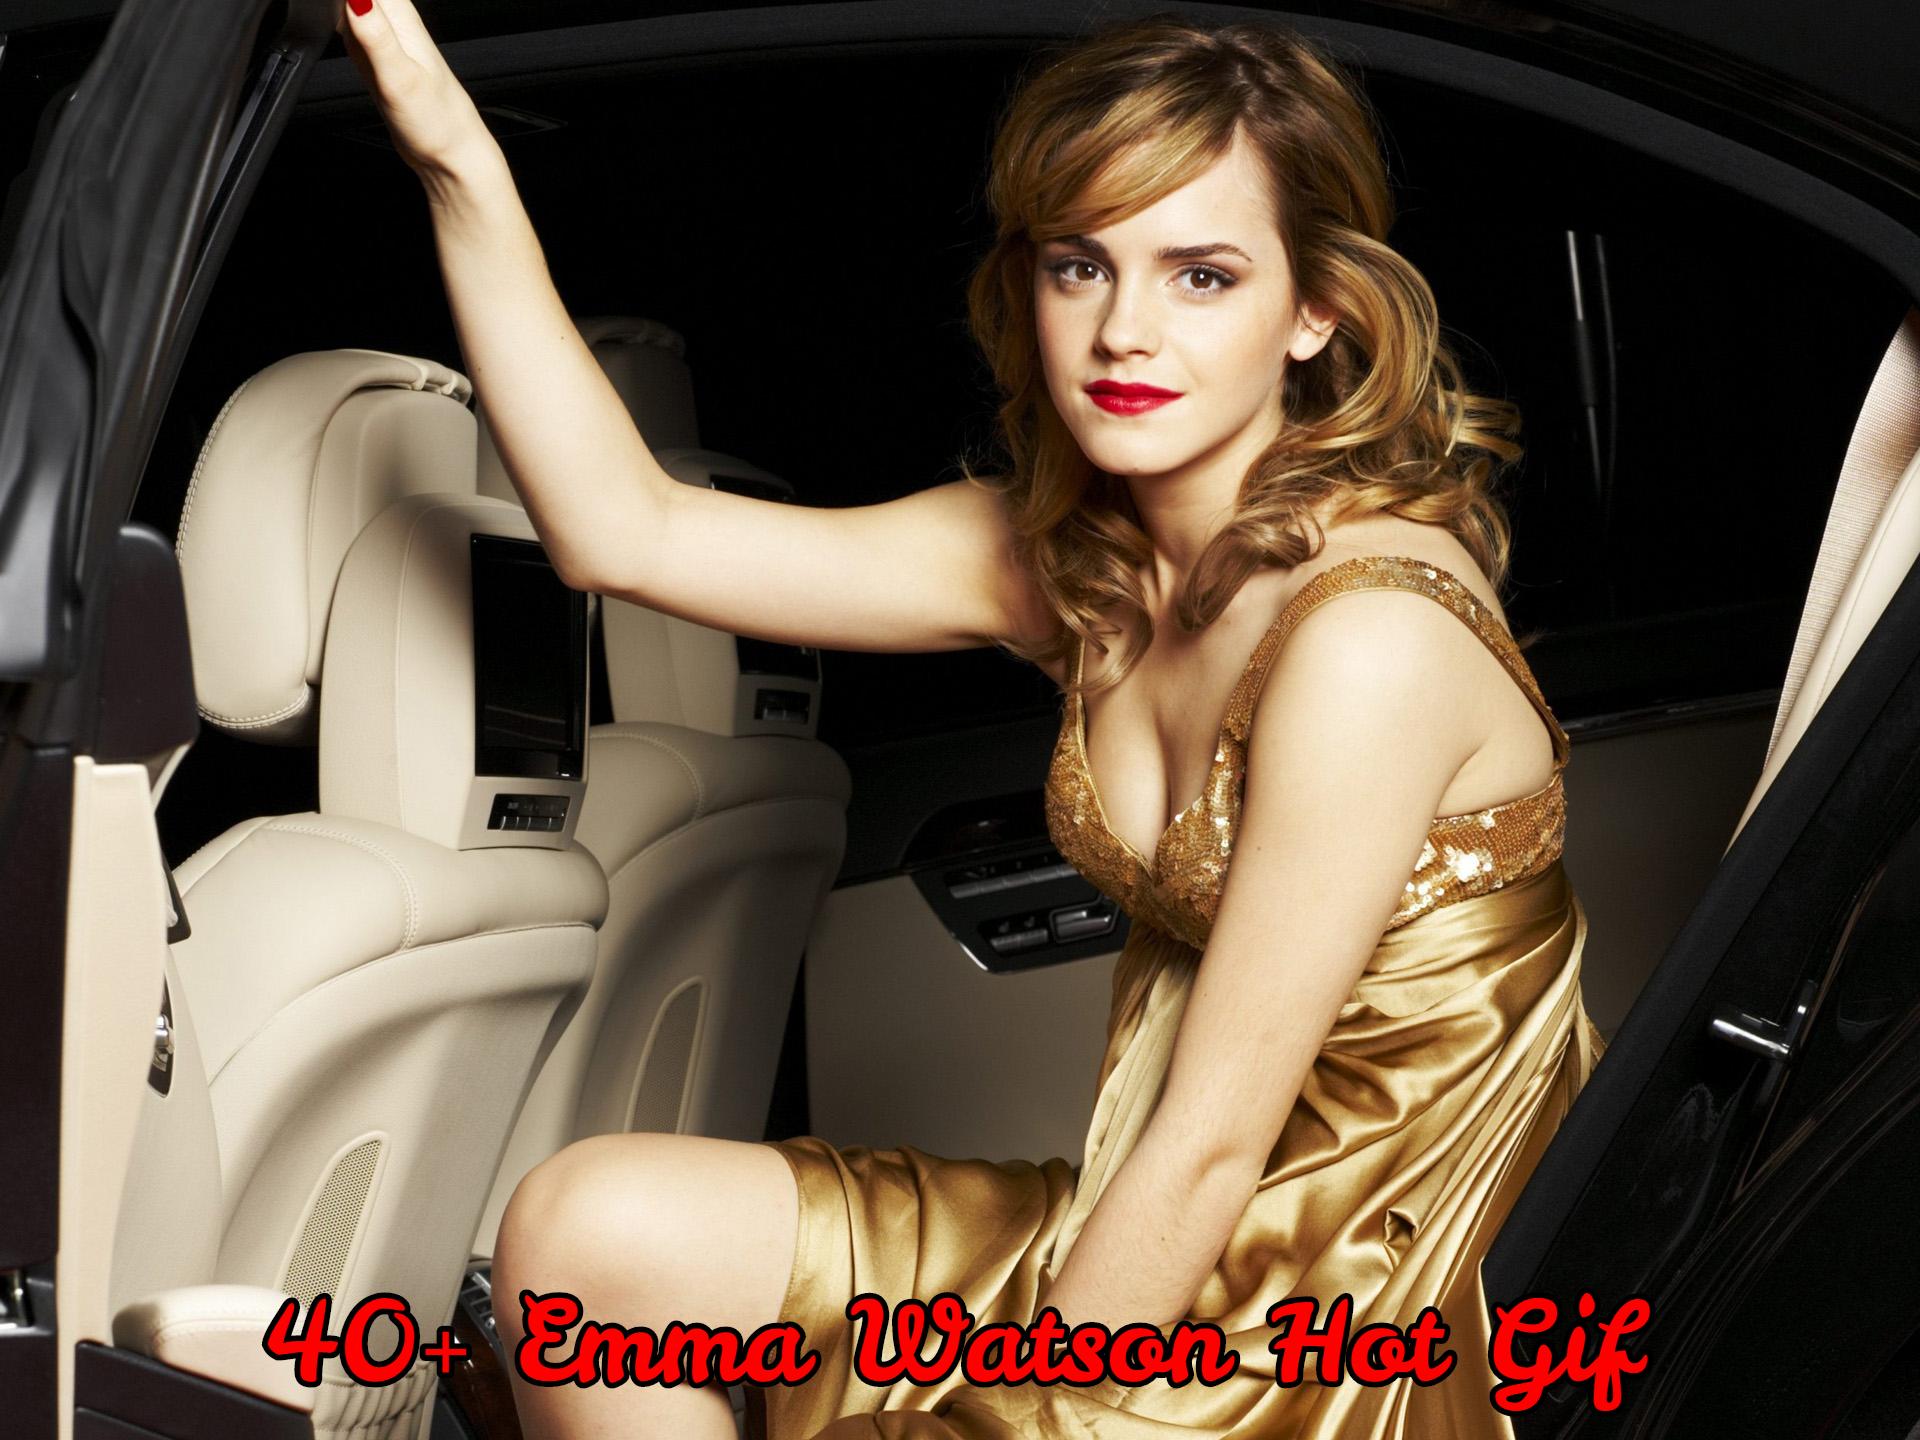 Emma watson hot ass